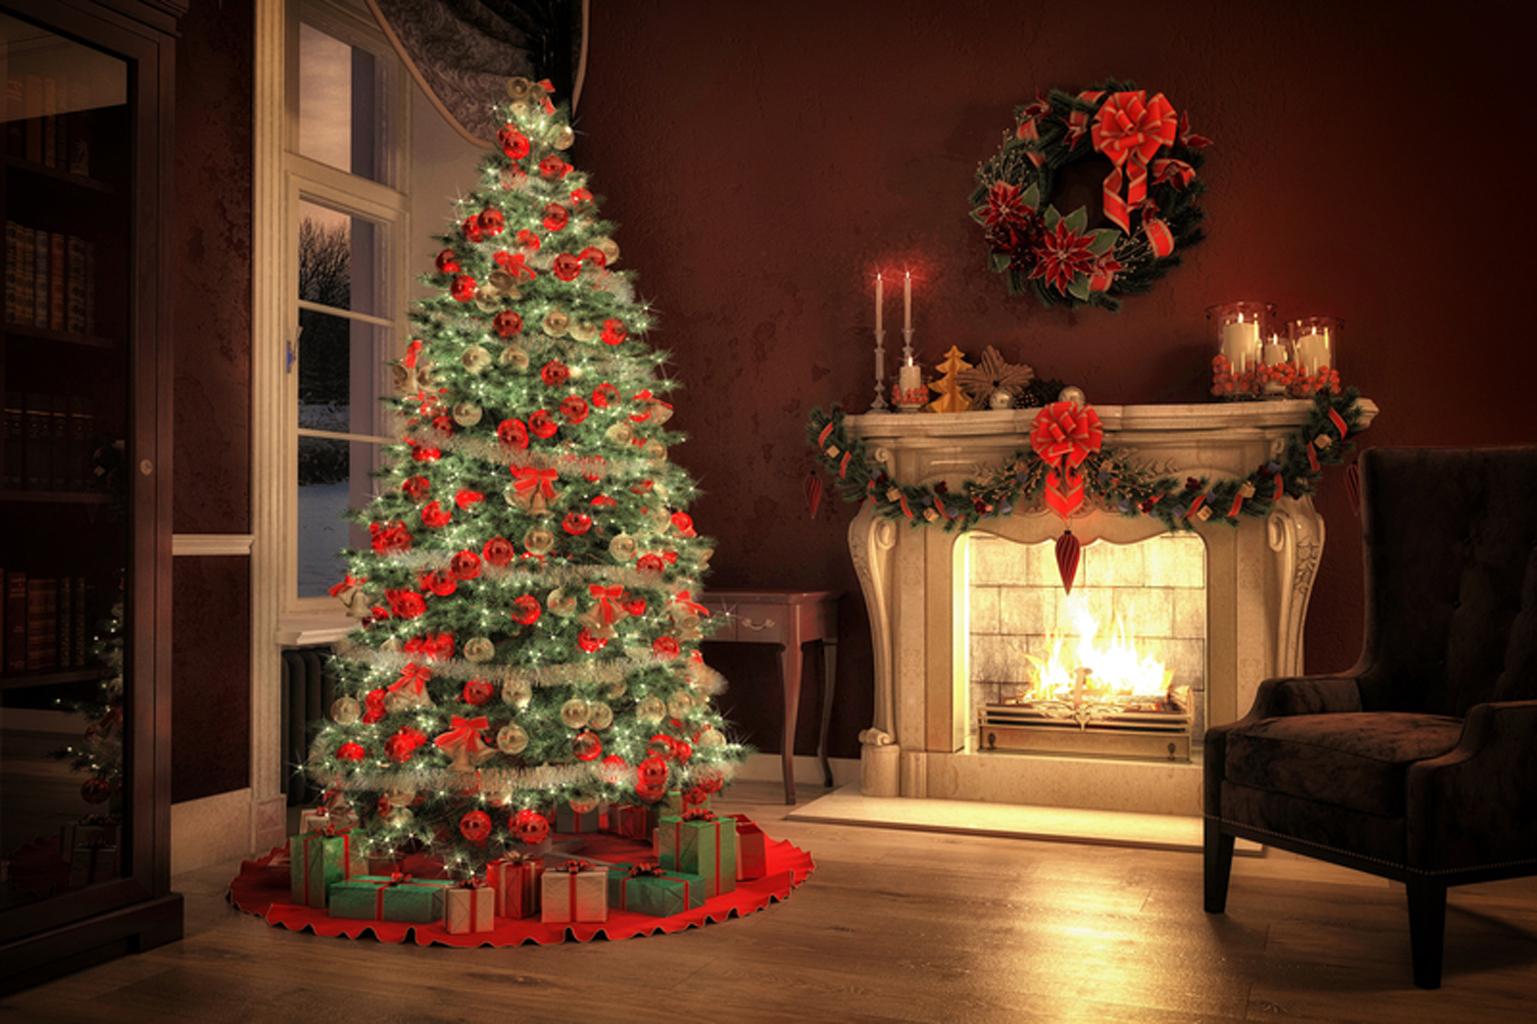 Jak Nas Męczą święta Bożego Narodzenia